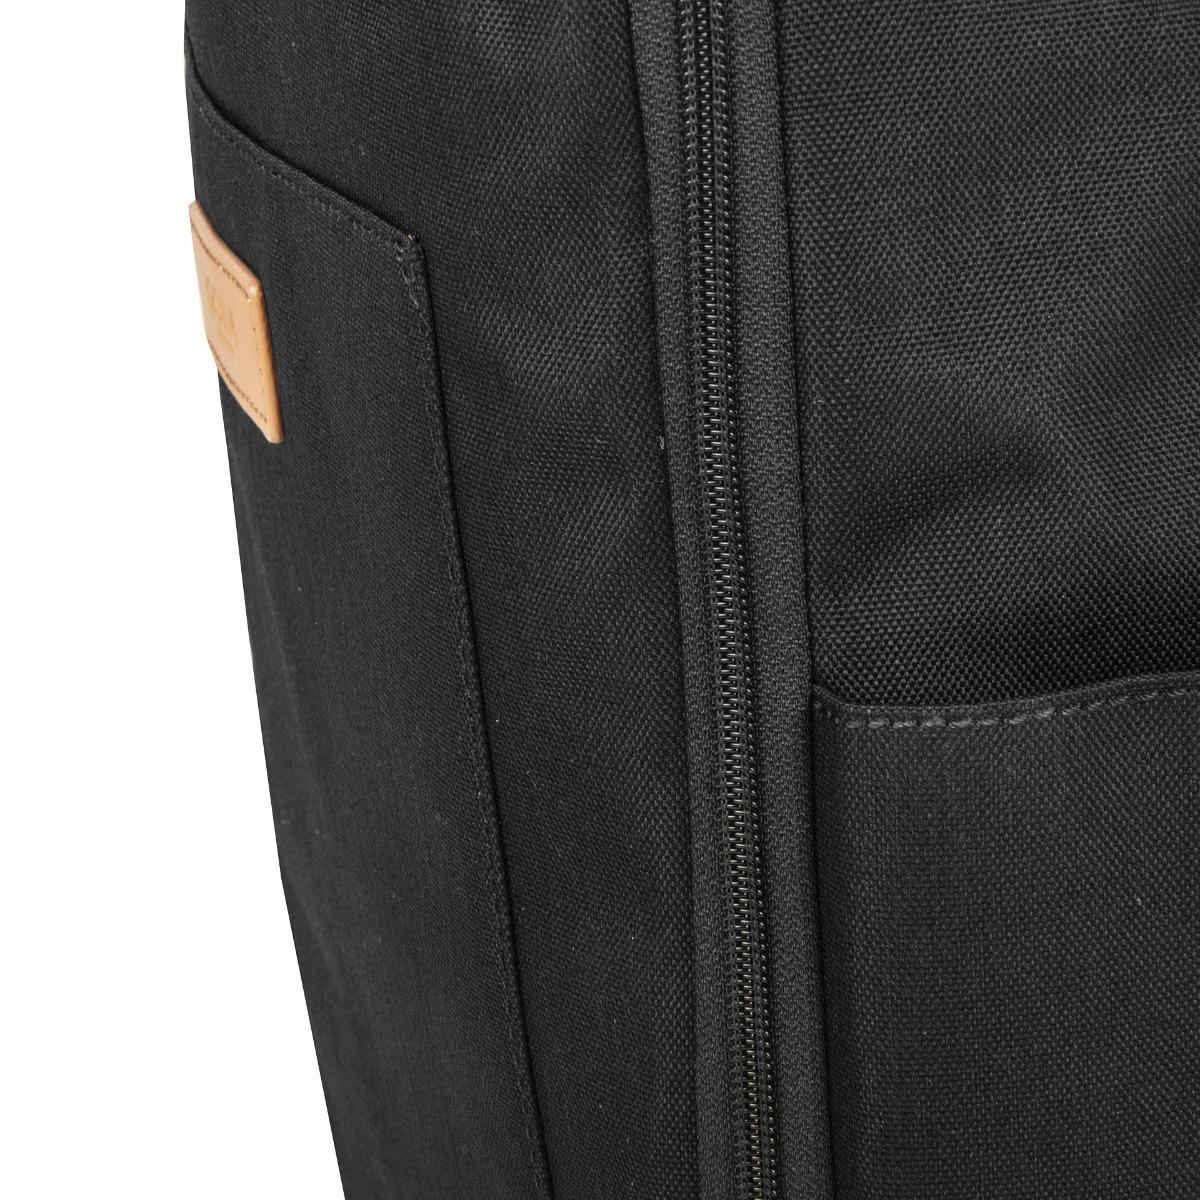 Golla Orion L Recycled Black.  čalúnené vrecko na notebook veľkosti 15,6